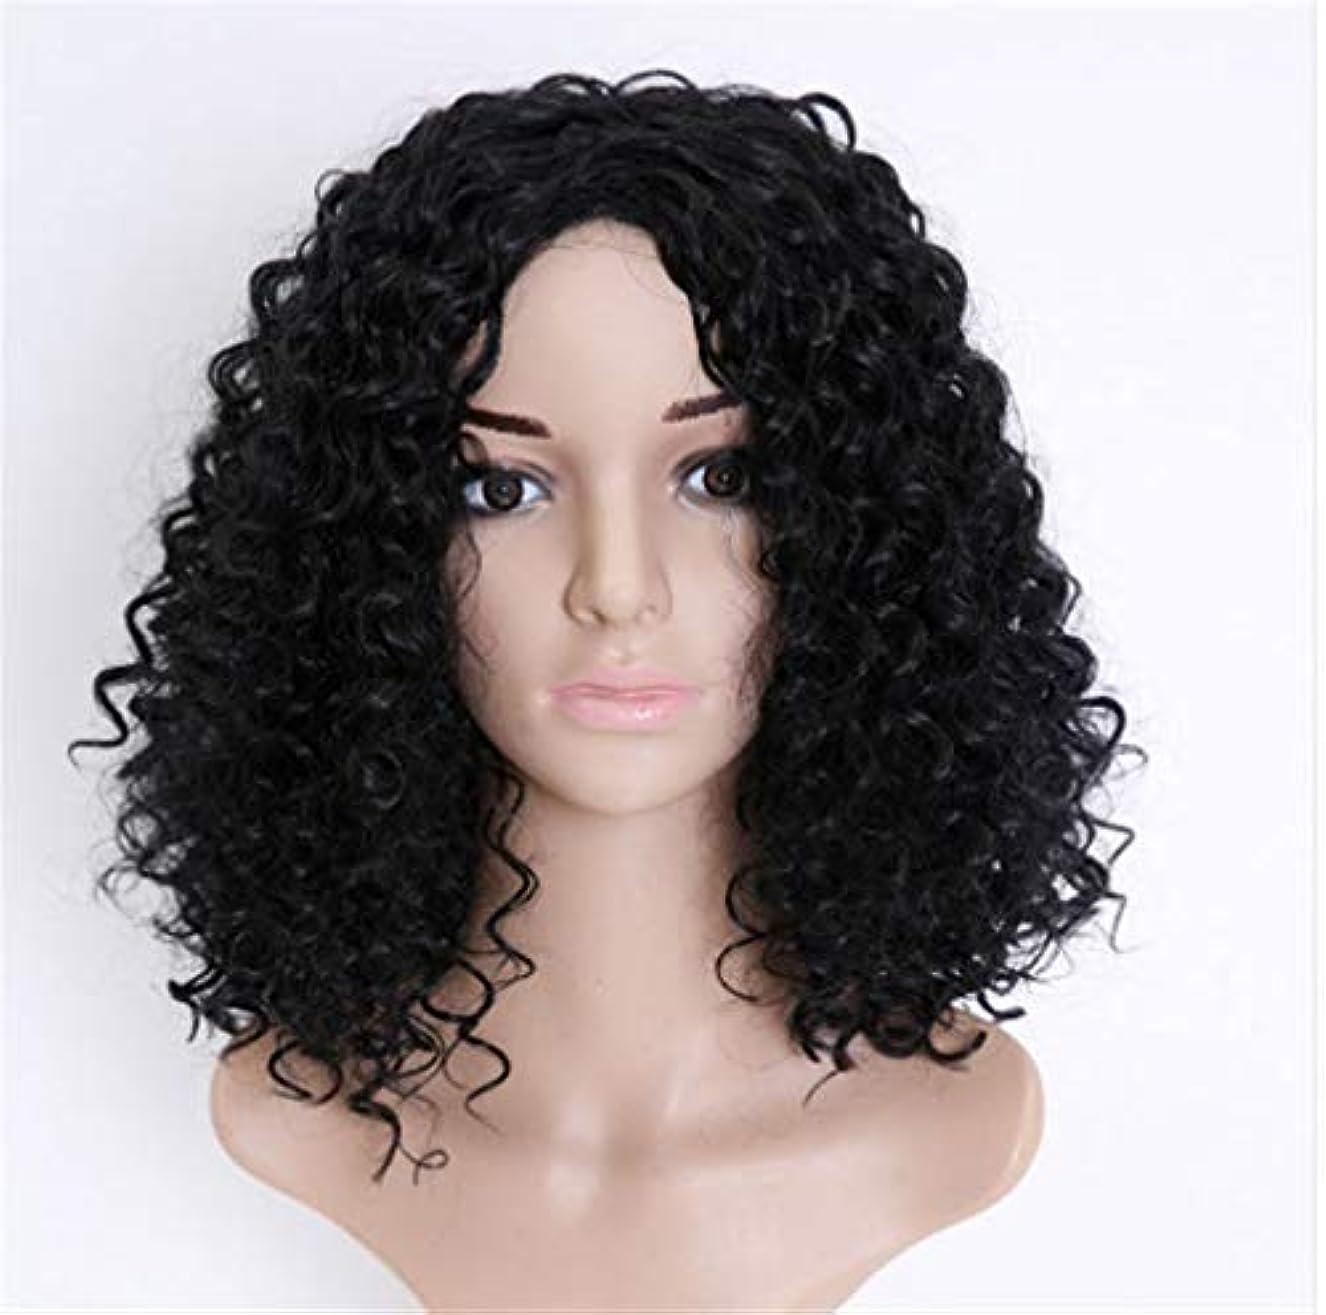 わざわざブロッサム安息SRY-Wigファッション ファッション長い短い髪のかつらかつらヨーロッパやアメリカの短い巻き毛のかつら女性のアフリカの少量の爆発ヘッド化学繊維かつら (Color : Black)